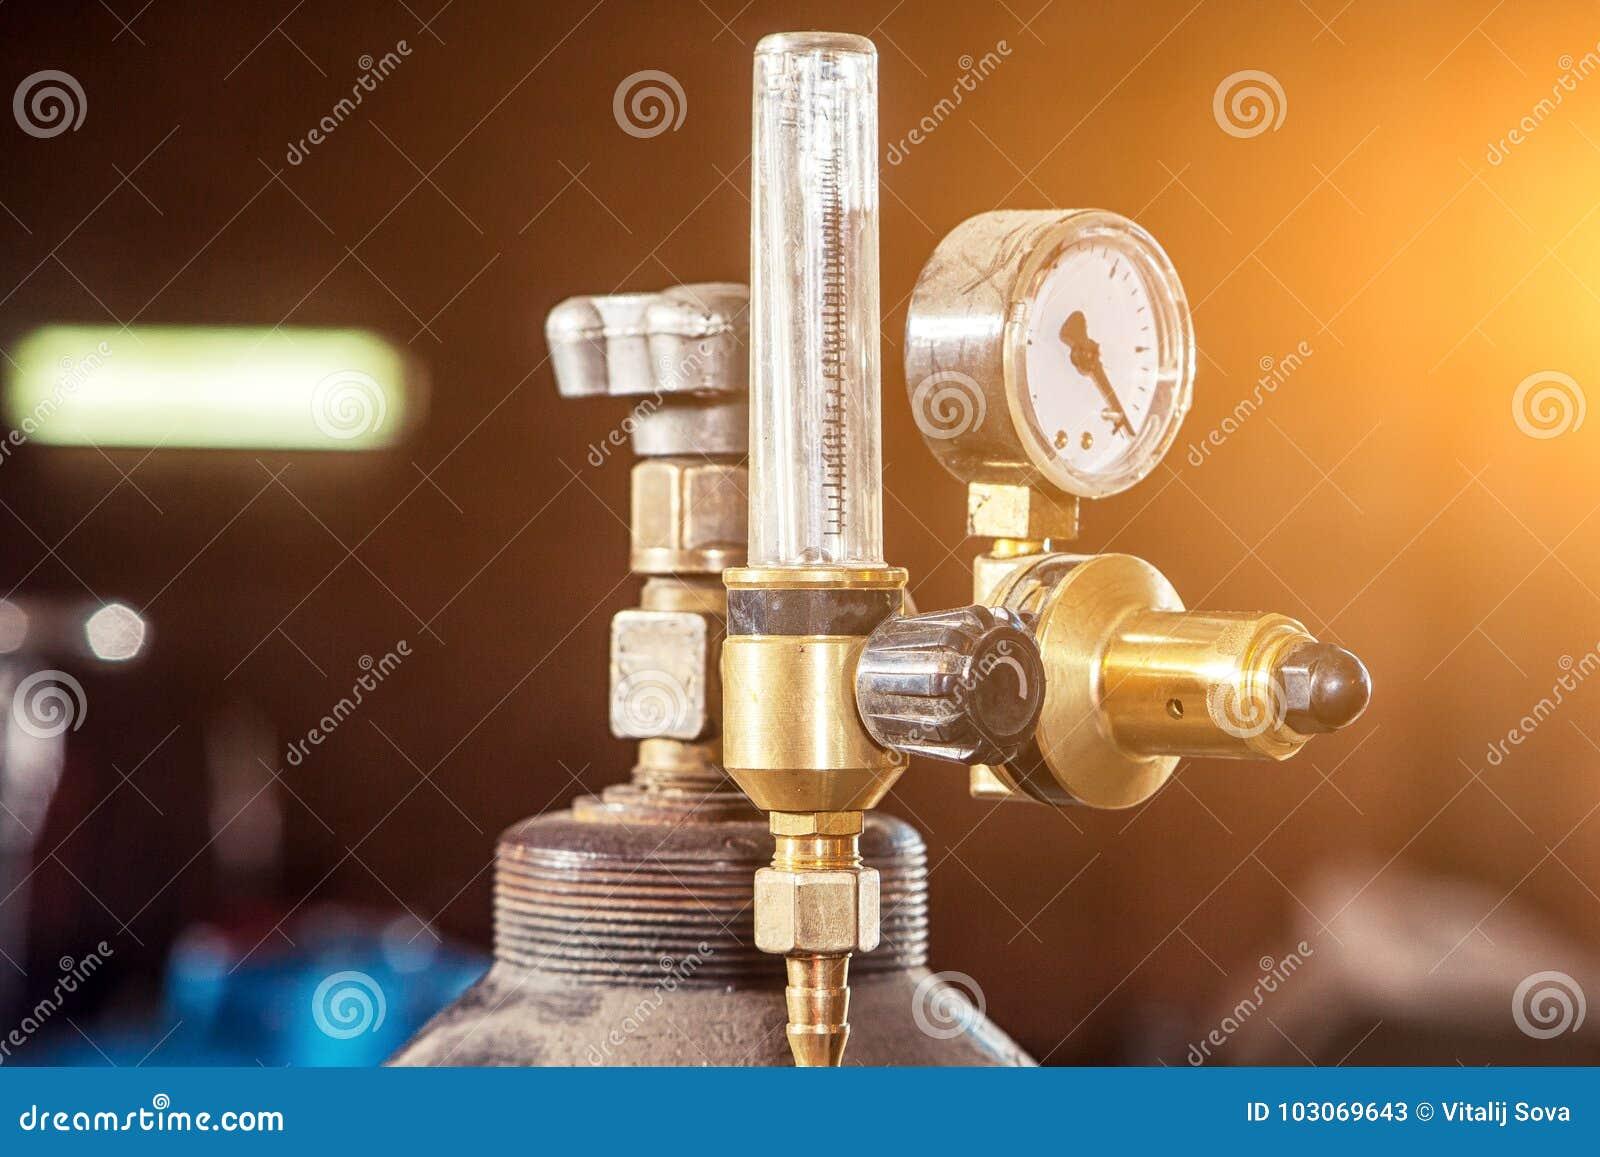 Nahaufnahme eines Metall-Gaszylinders